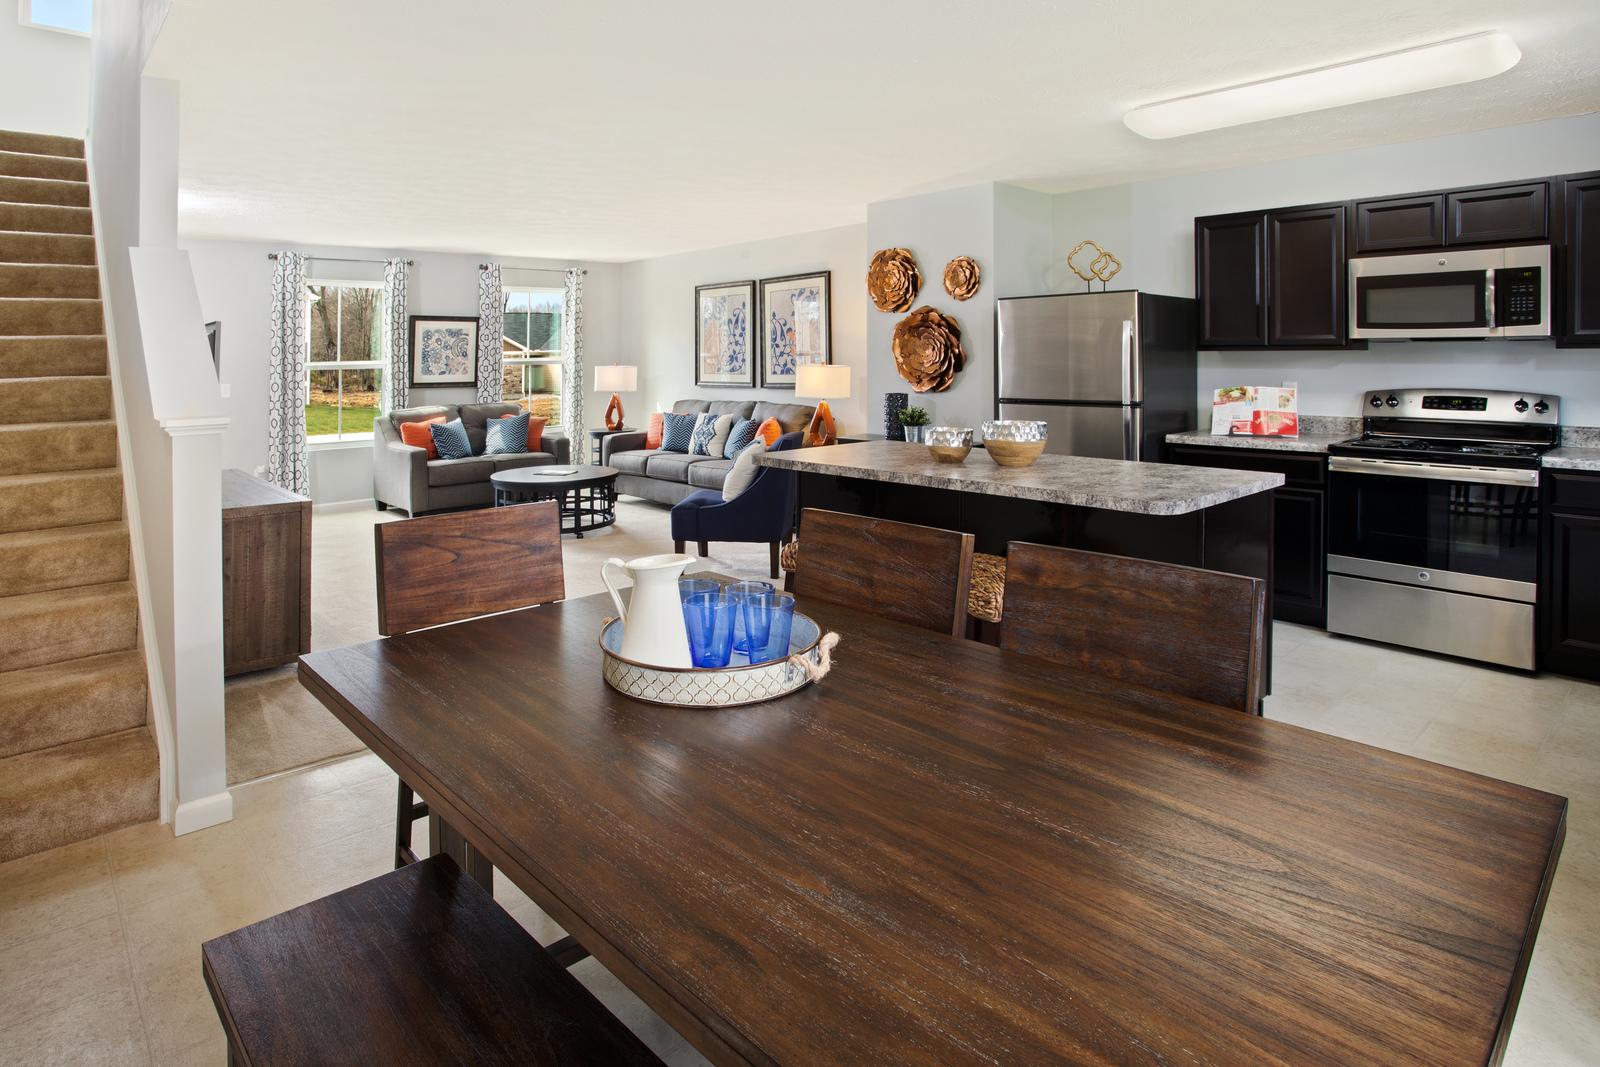 Lorien Fields - Single Family Homes